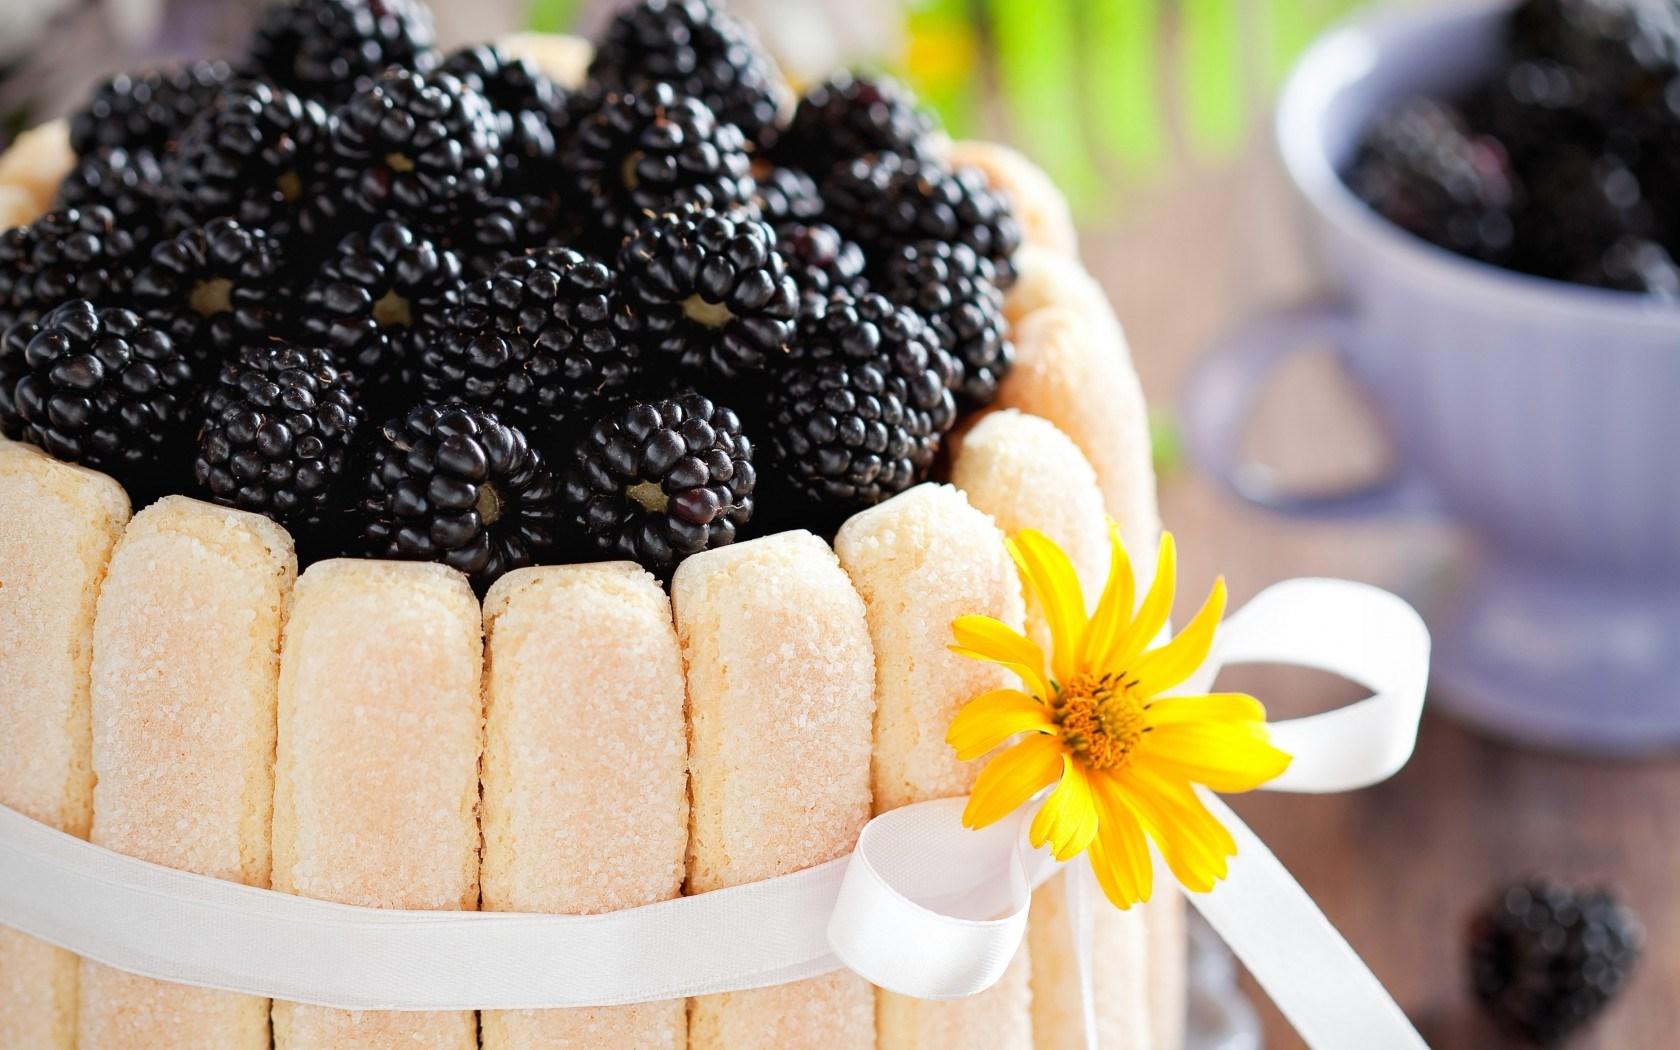 blackberries hd 38890